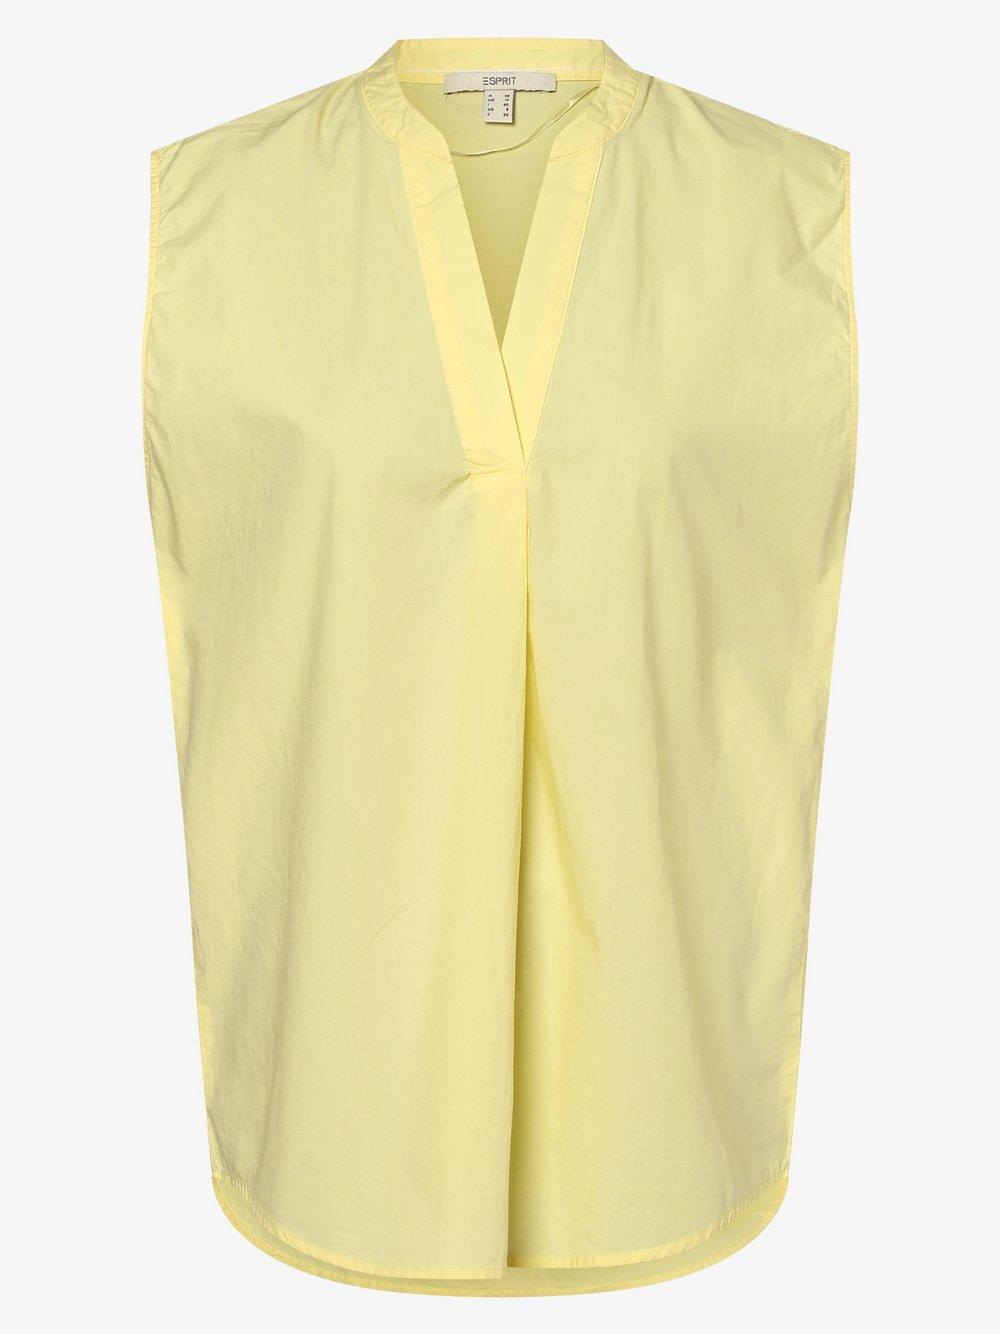 Esprit Casual - Damska bluzka bez rękawów, żółty